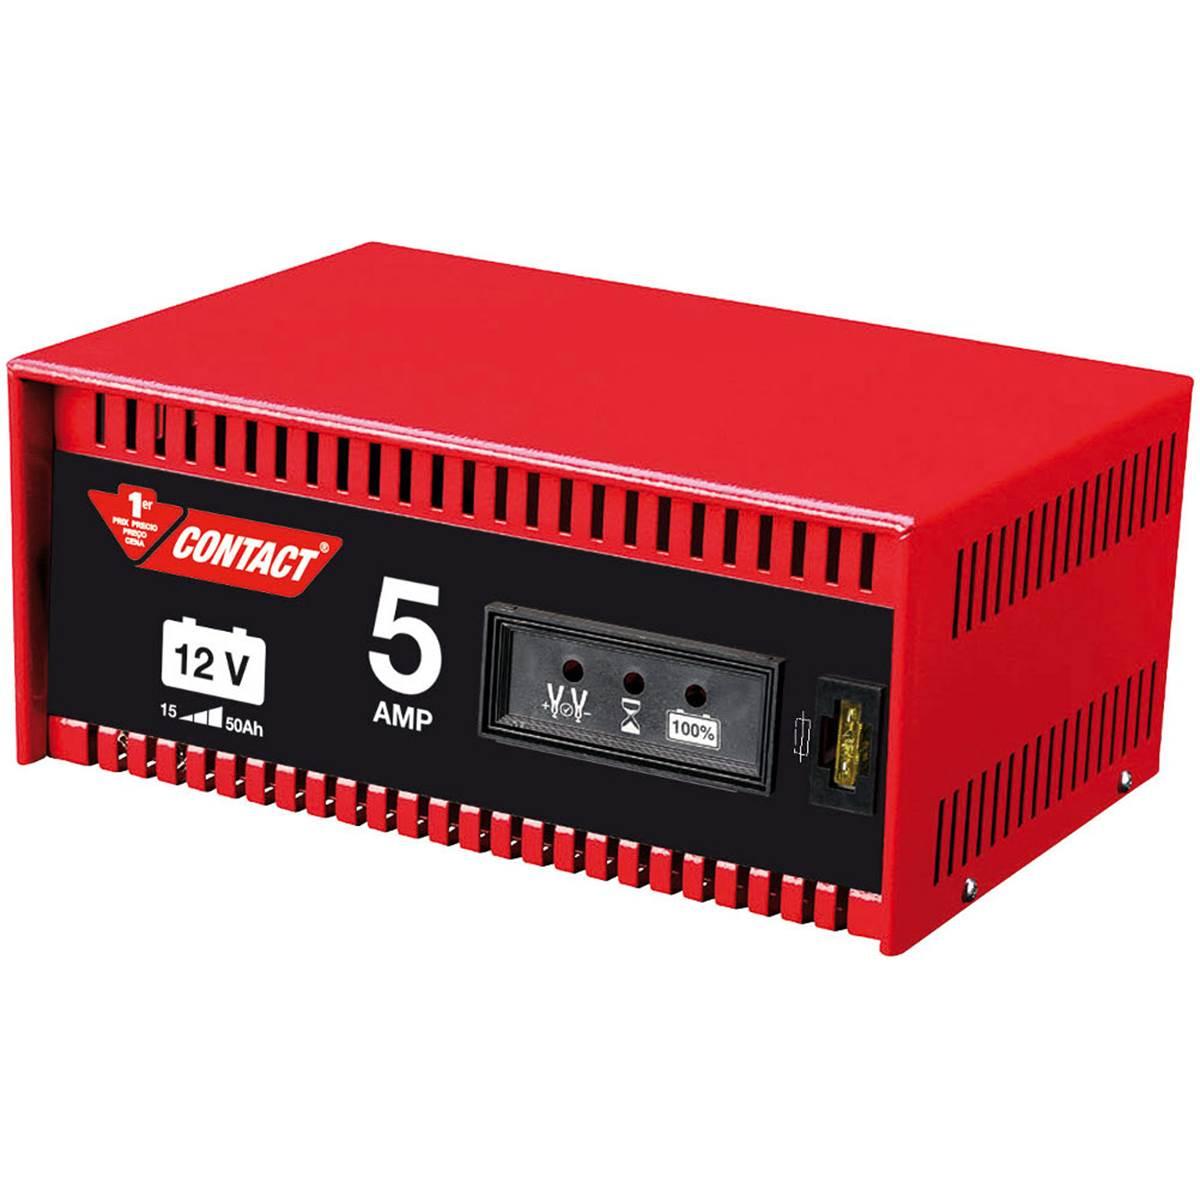 Chargeur de batterie 5 ampères Contact